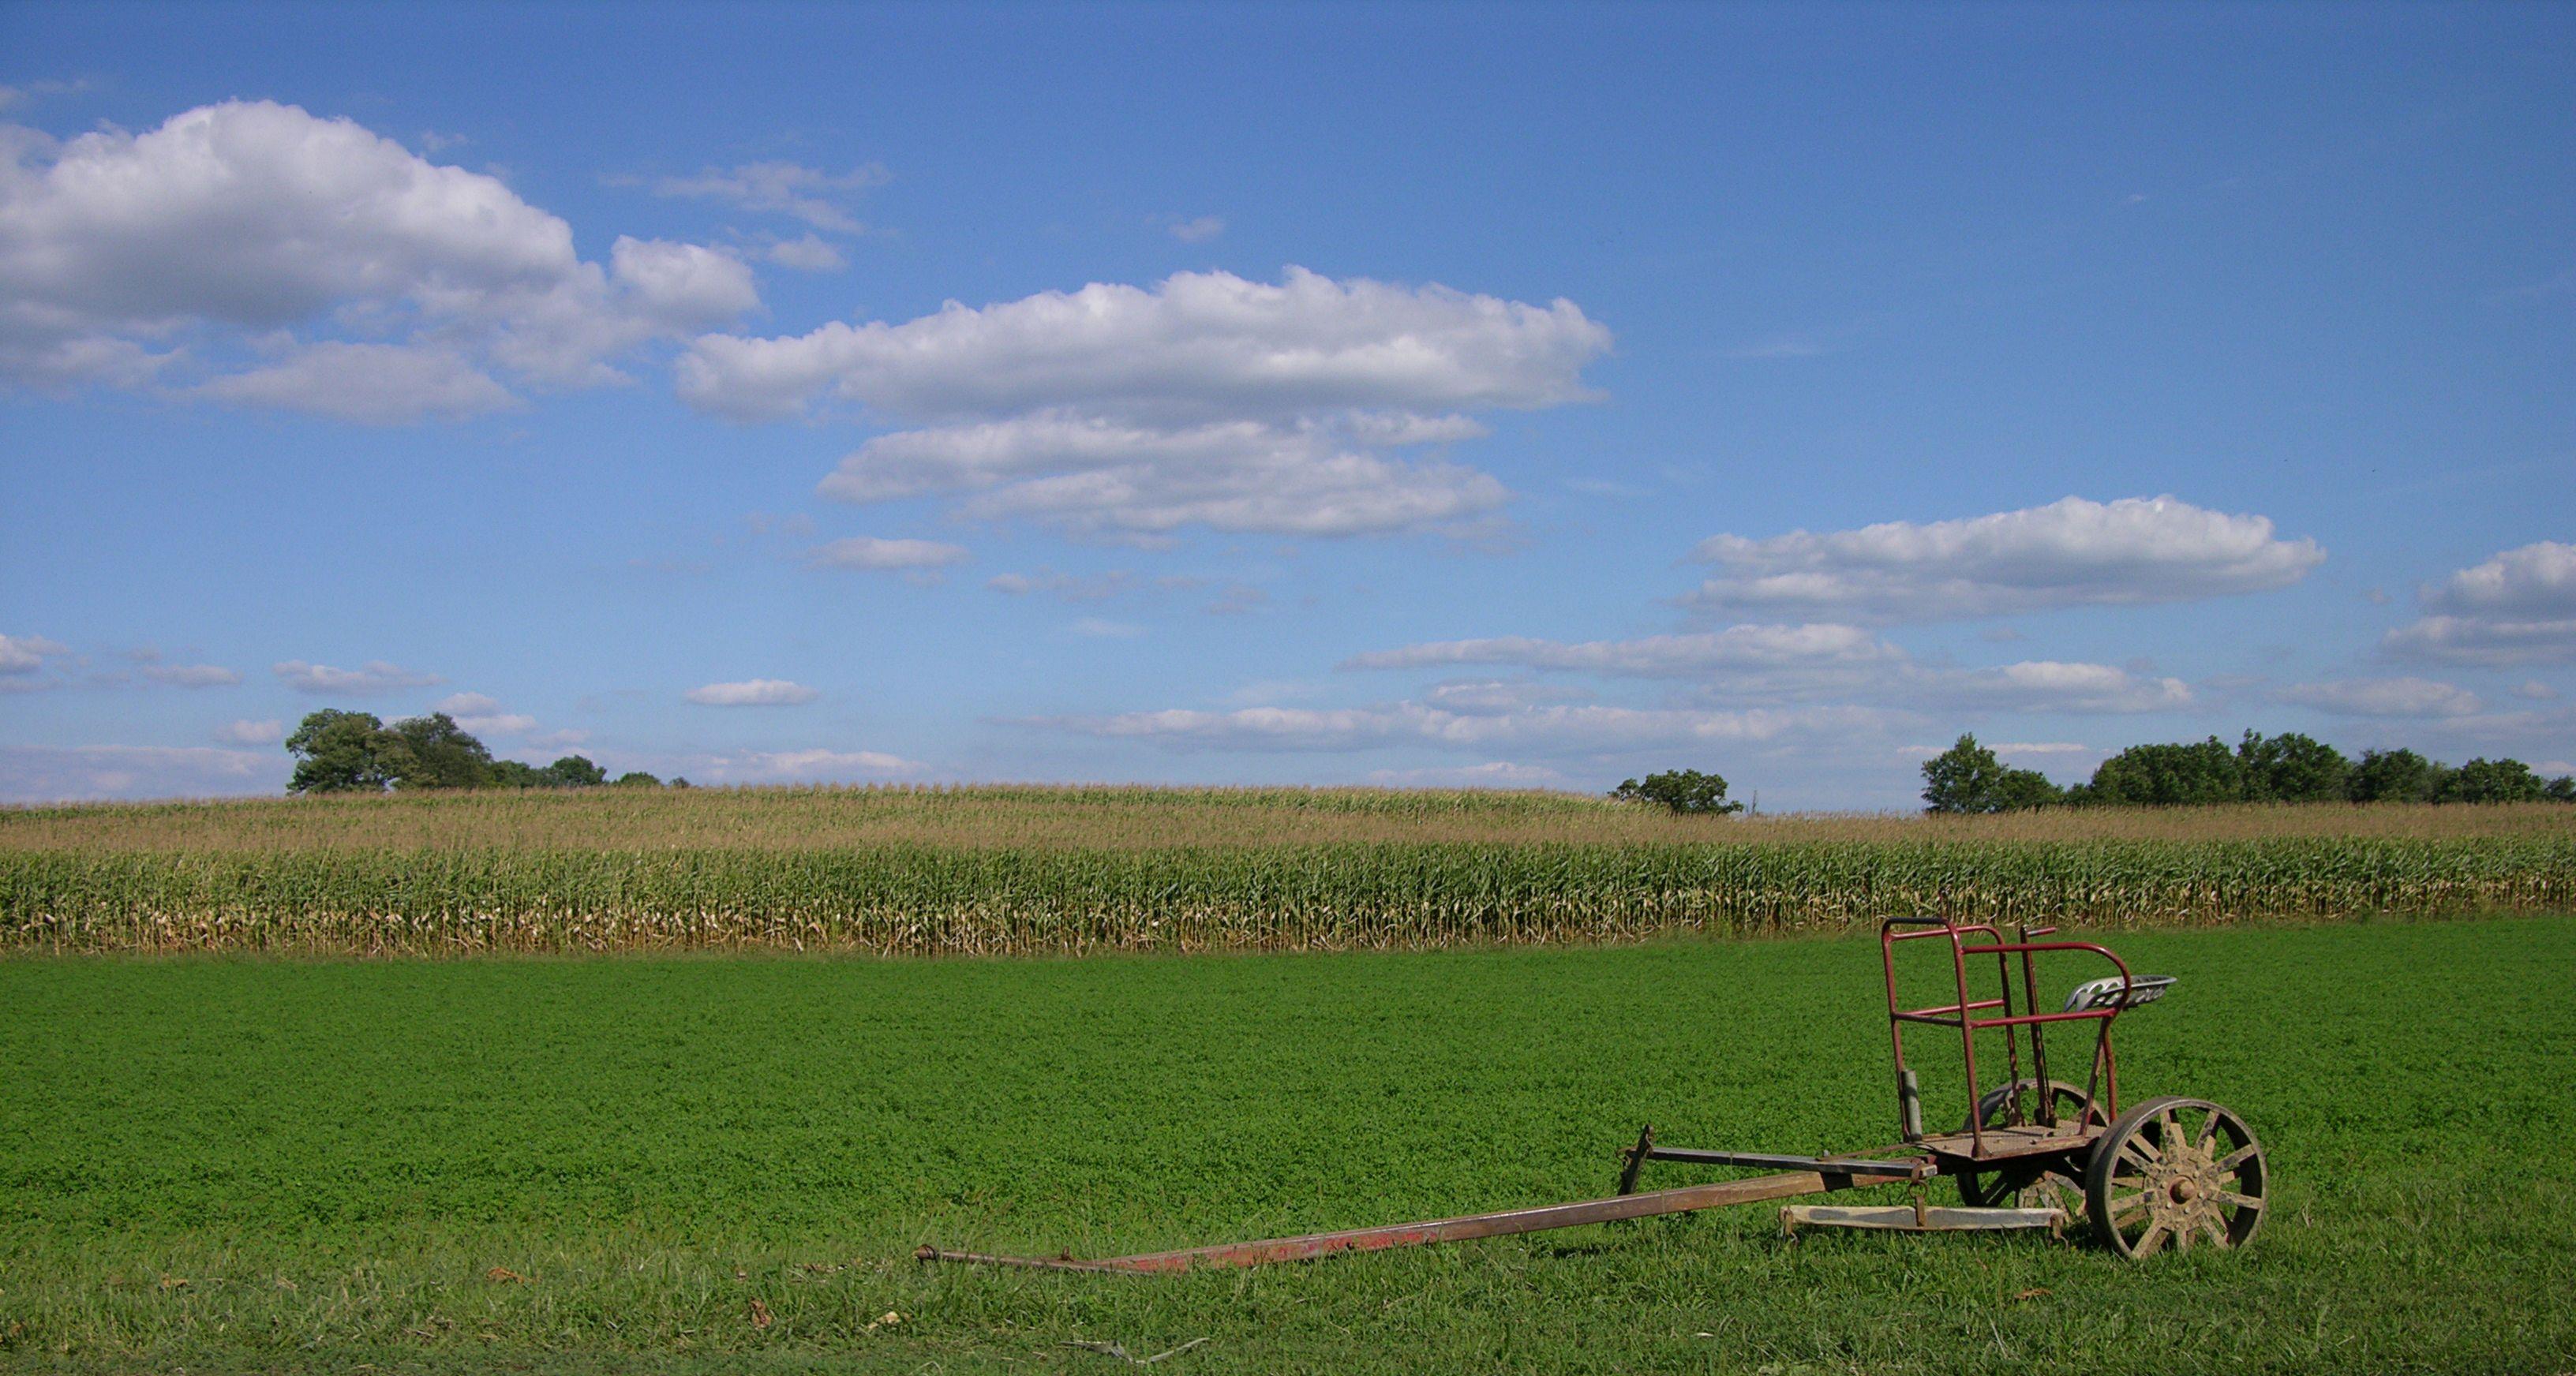 Typical Lancaster County Farm Landscape (Lancaster County